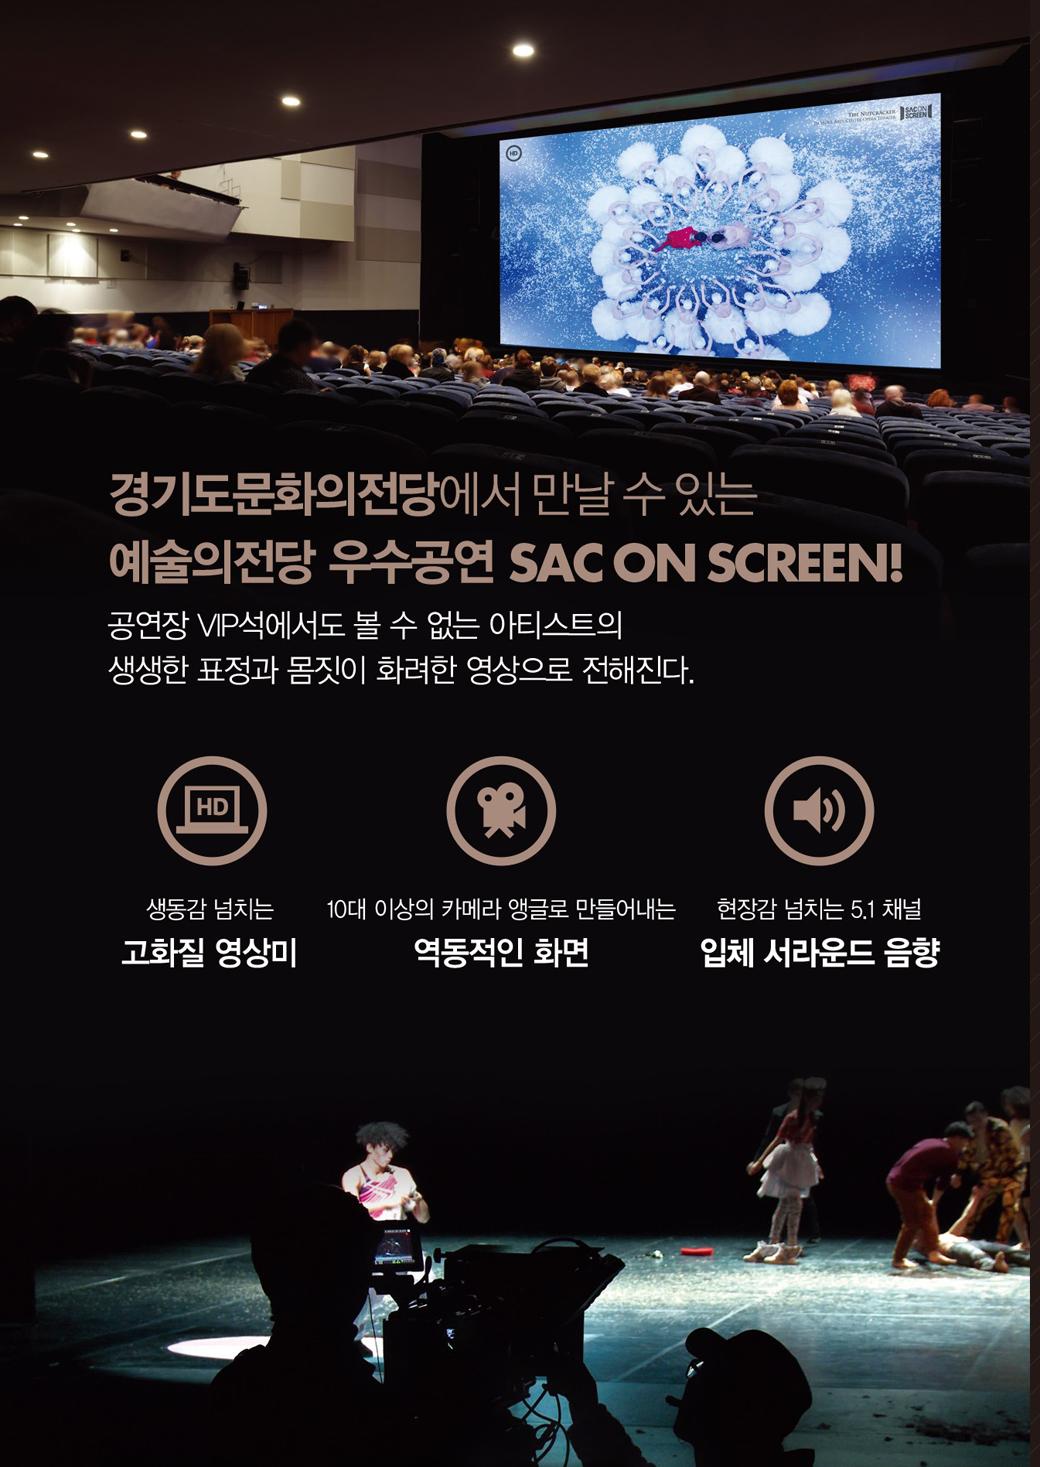 경기도문화의전당에서 만날 수 있는 예술의전당 우수공연 SAC ON SCREEN! 공연장 VIP석에세도 볼 수 없는 아티스트의 생생한 표정과 몸짓이 화려한 영상으로 전해진다.